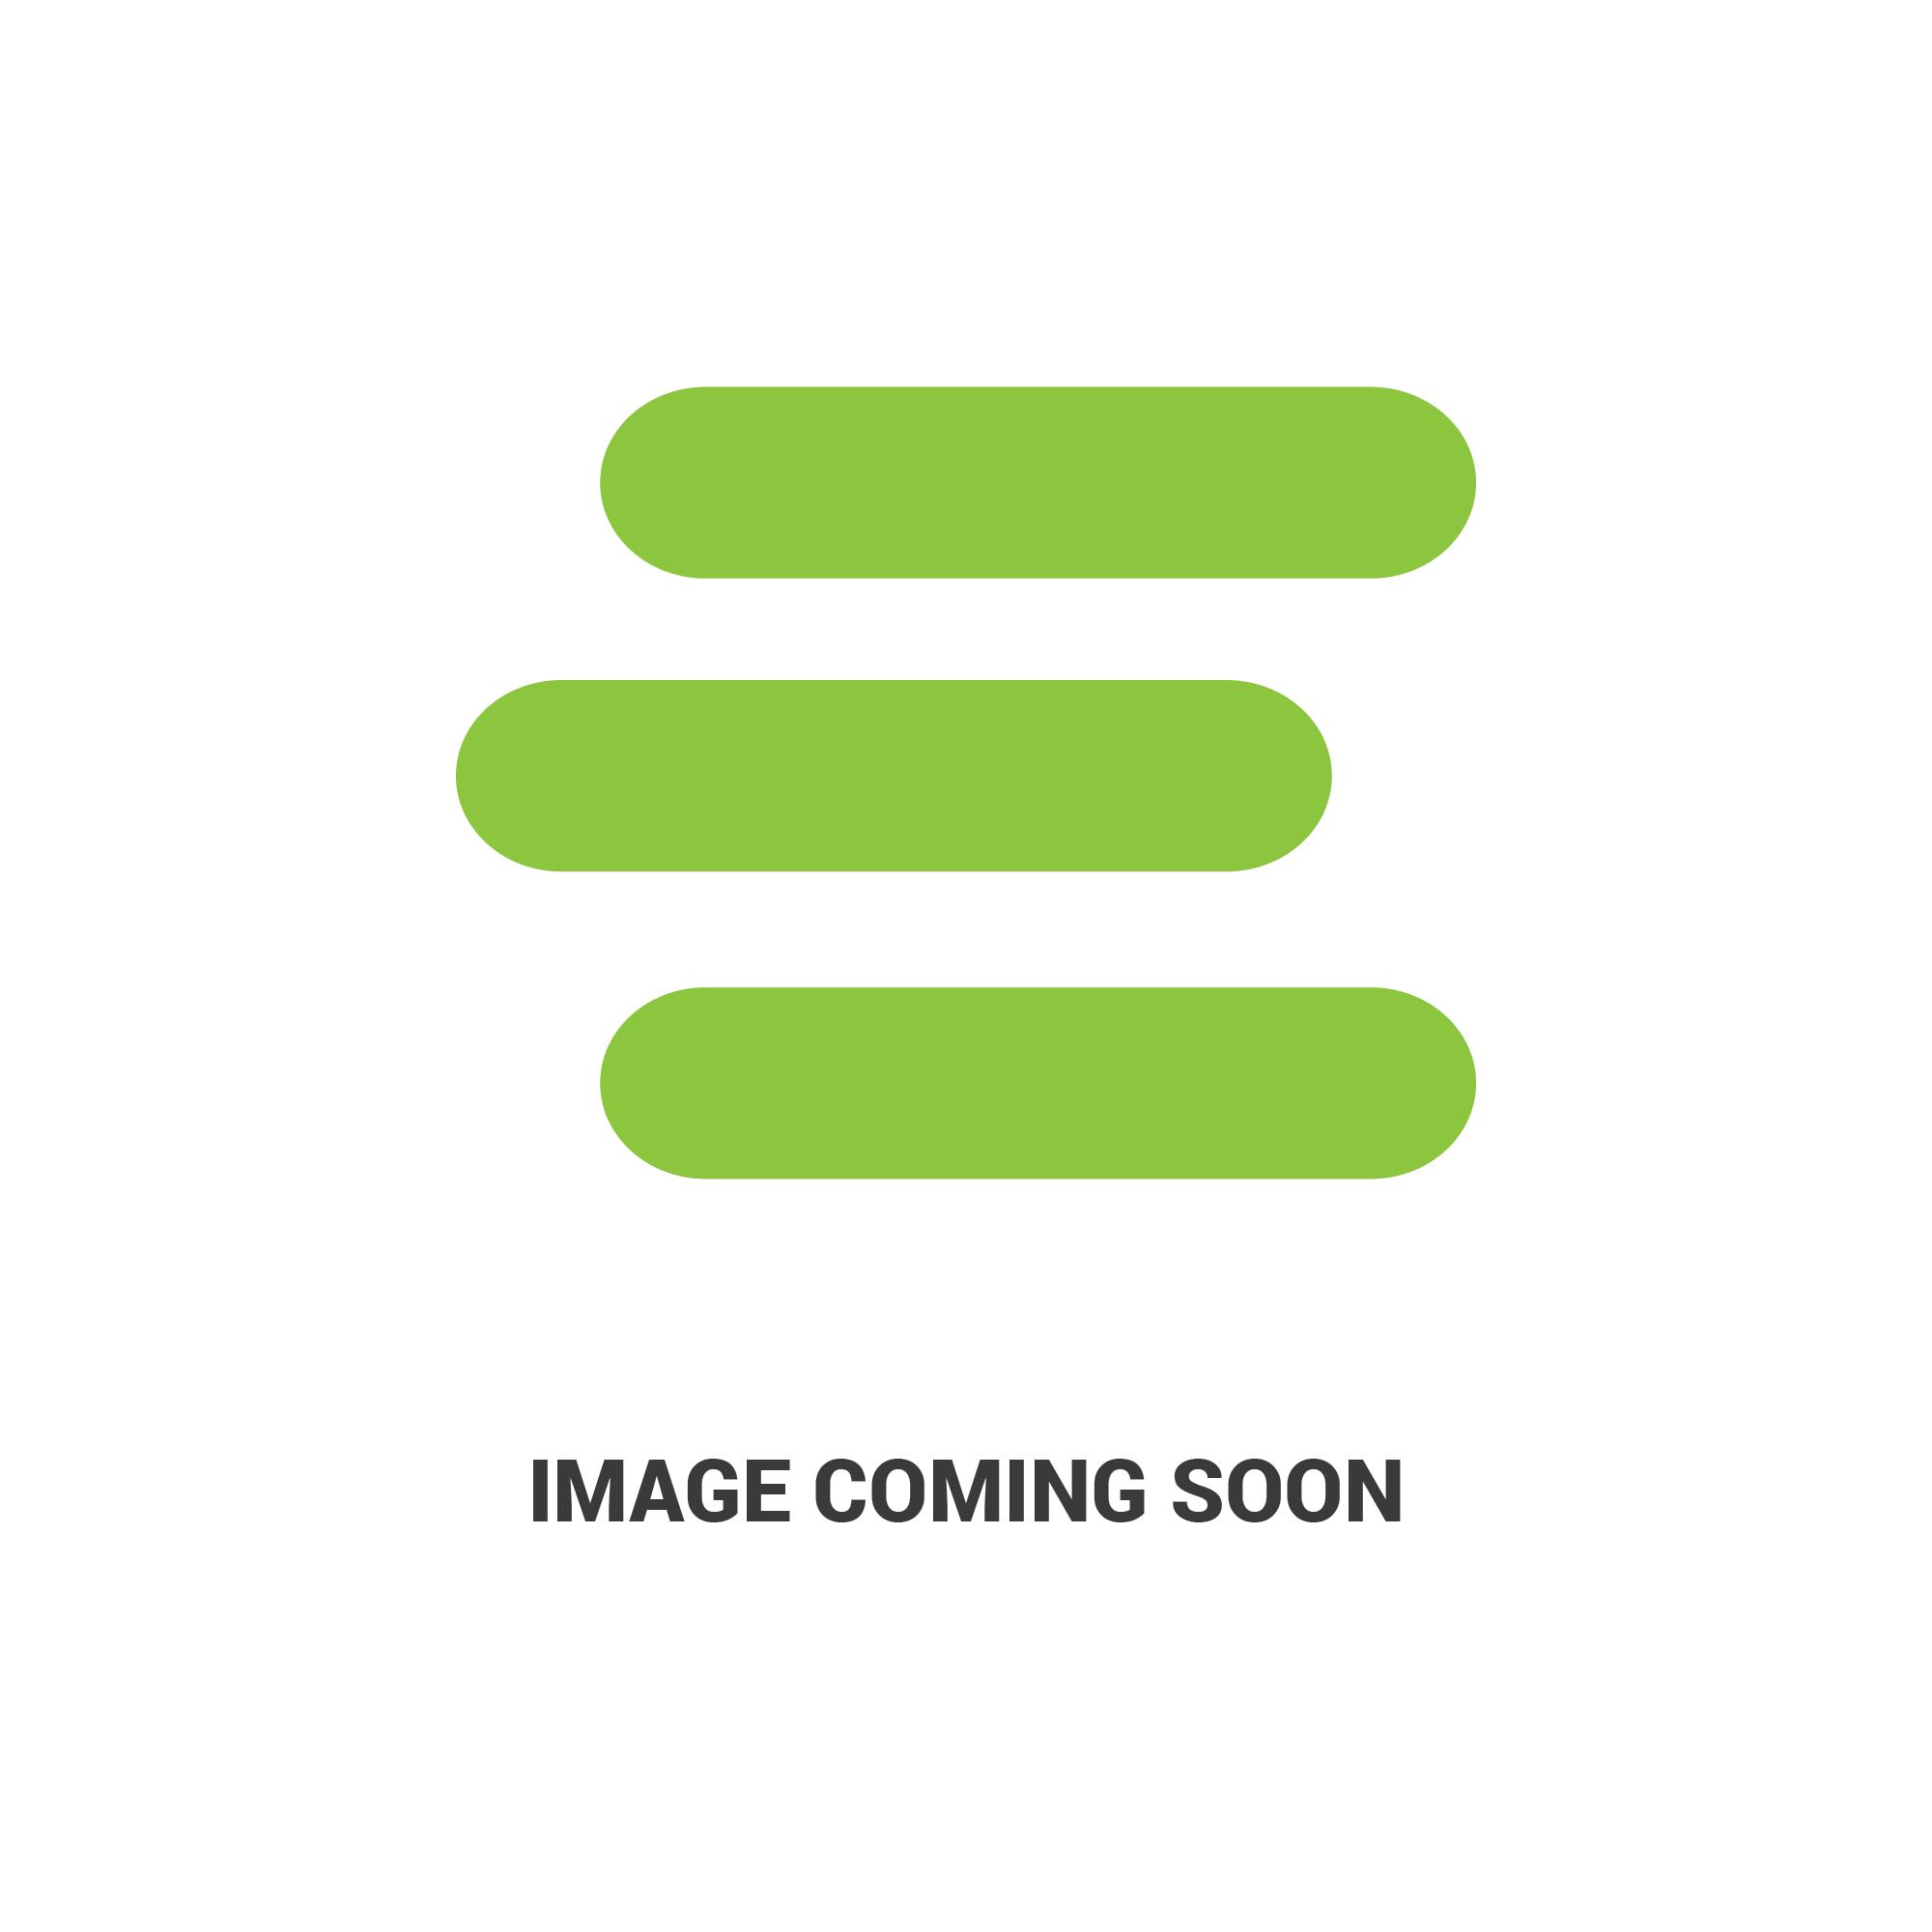 E-8N12213970_1.jpg